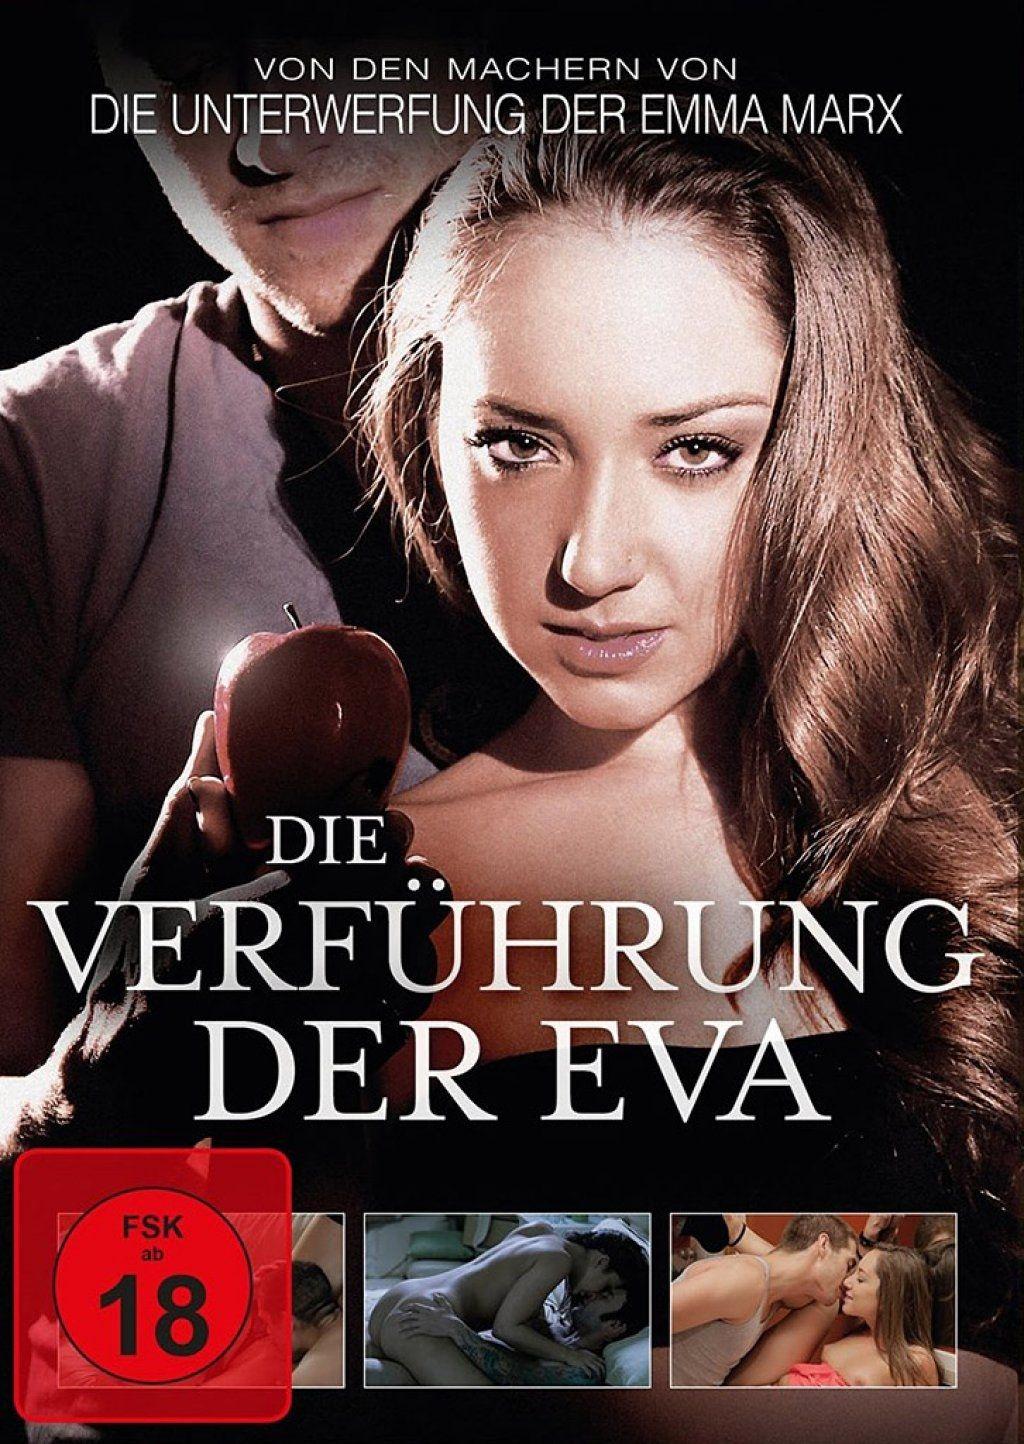 Verführung der Eva, Die